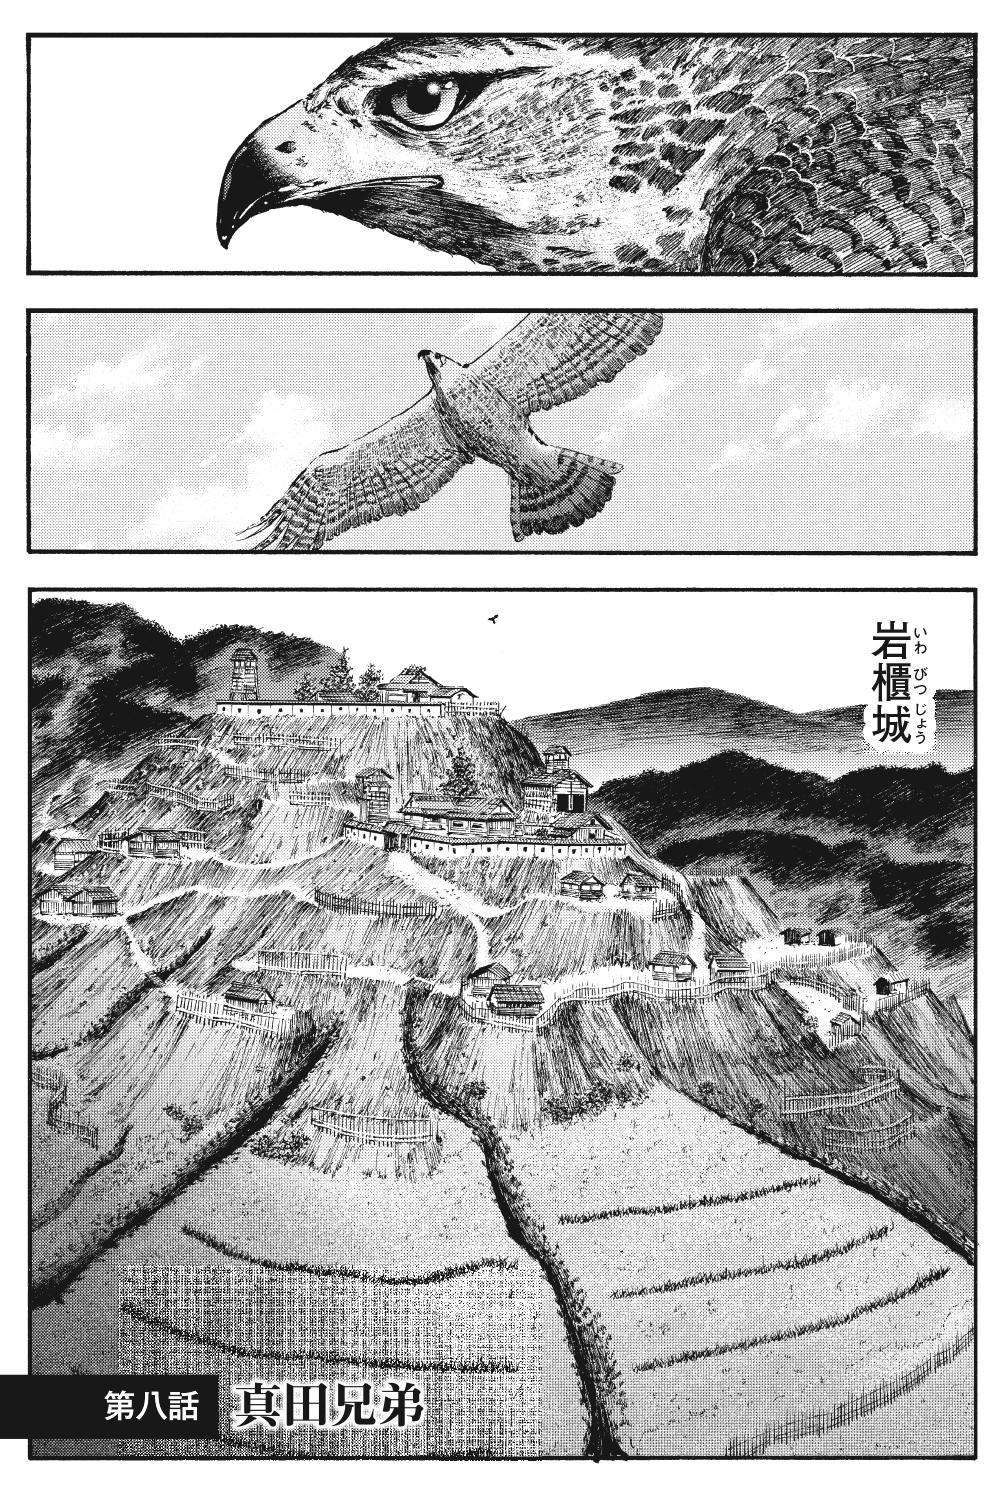 真田太平記 第8話「真田兄弟」①sanada14-01.jpg